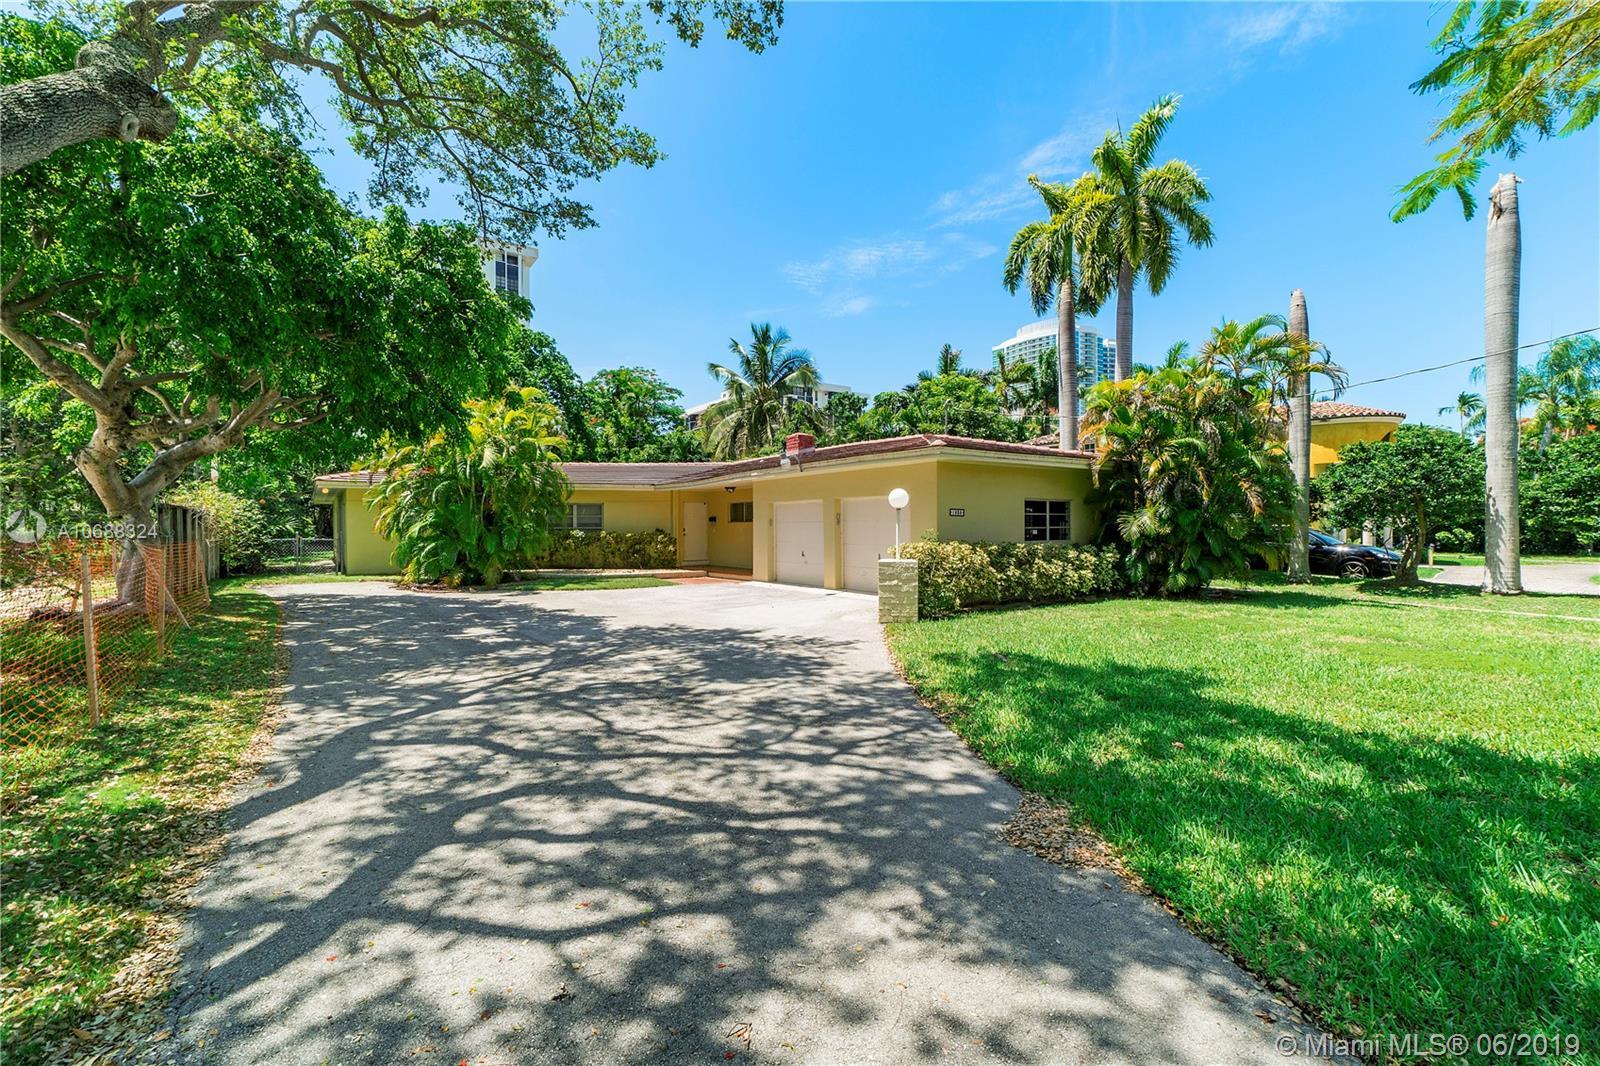 1835 S Miami Ave, Miami, FL 33129